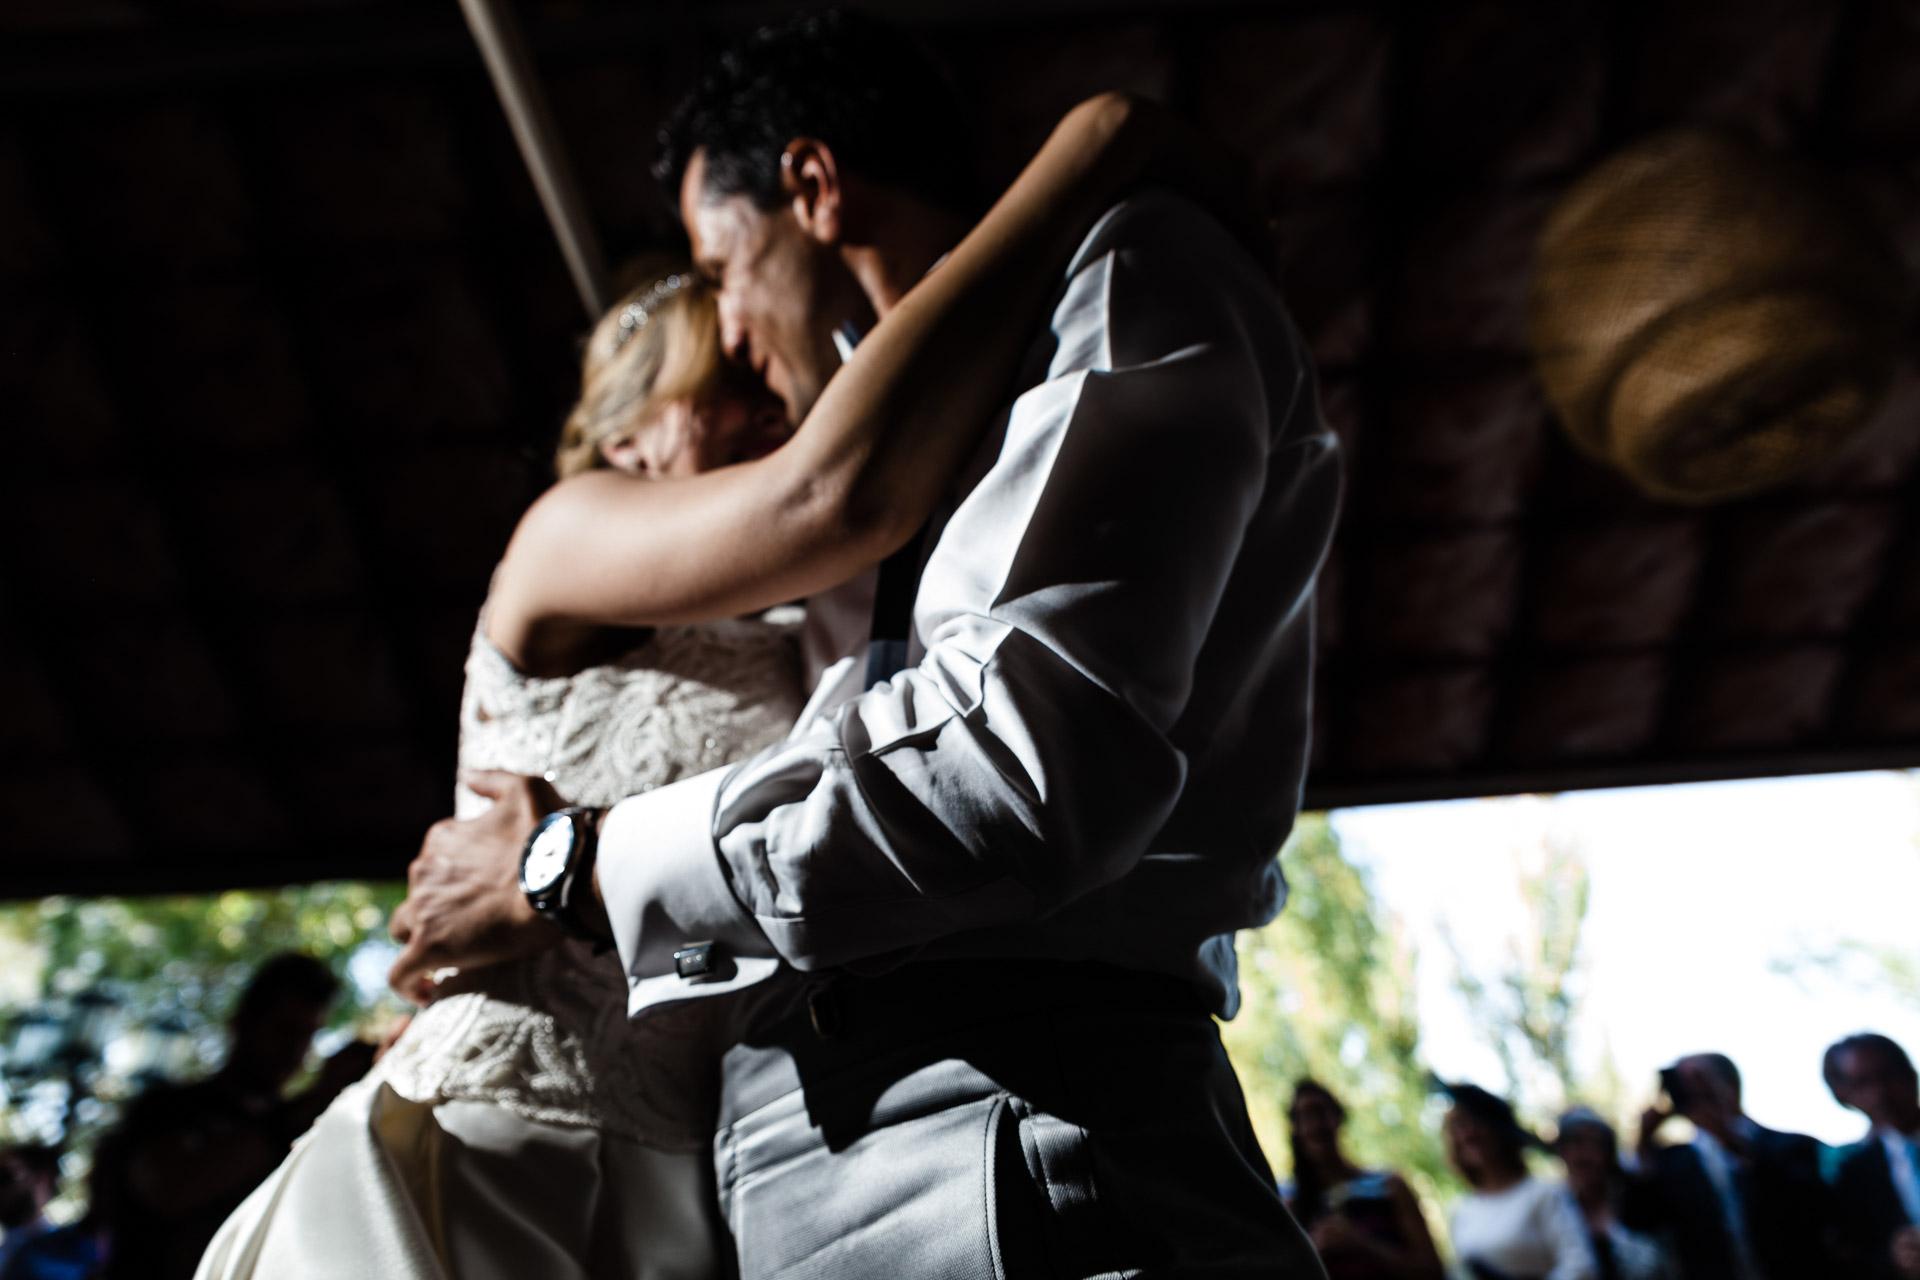 Boda Finca Insula Barataria Zaragozsa Baile de novios Desenfocado